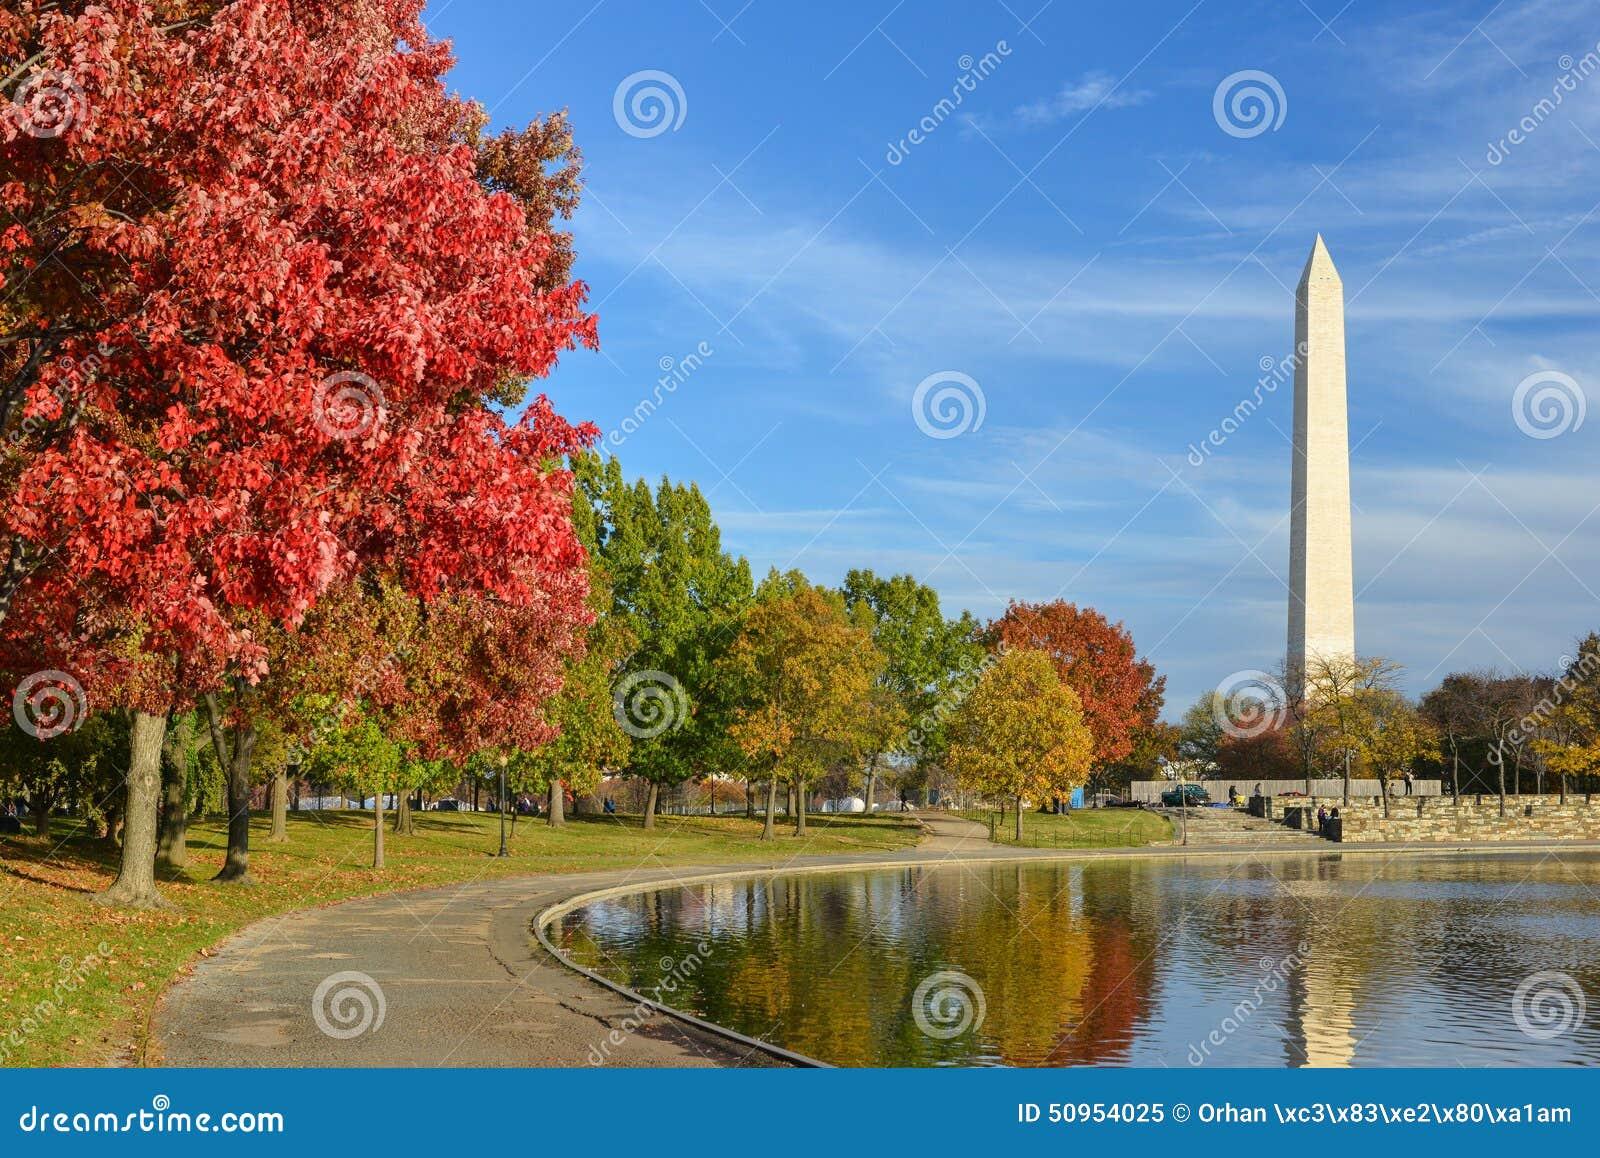 Washington DC, κήποι συνταγμάτων με το μνημείο της Ουάσιγκτον το φθινόπωρο